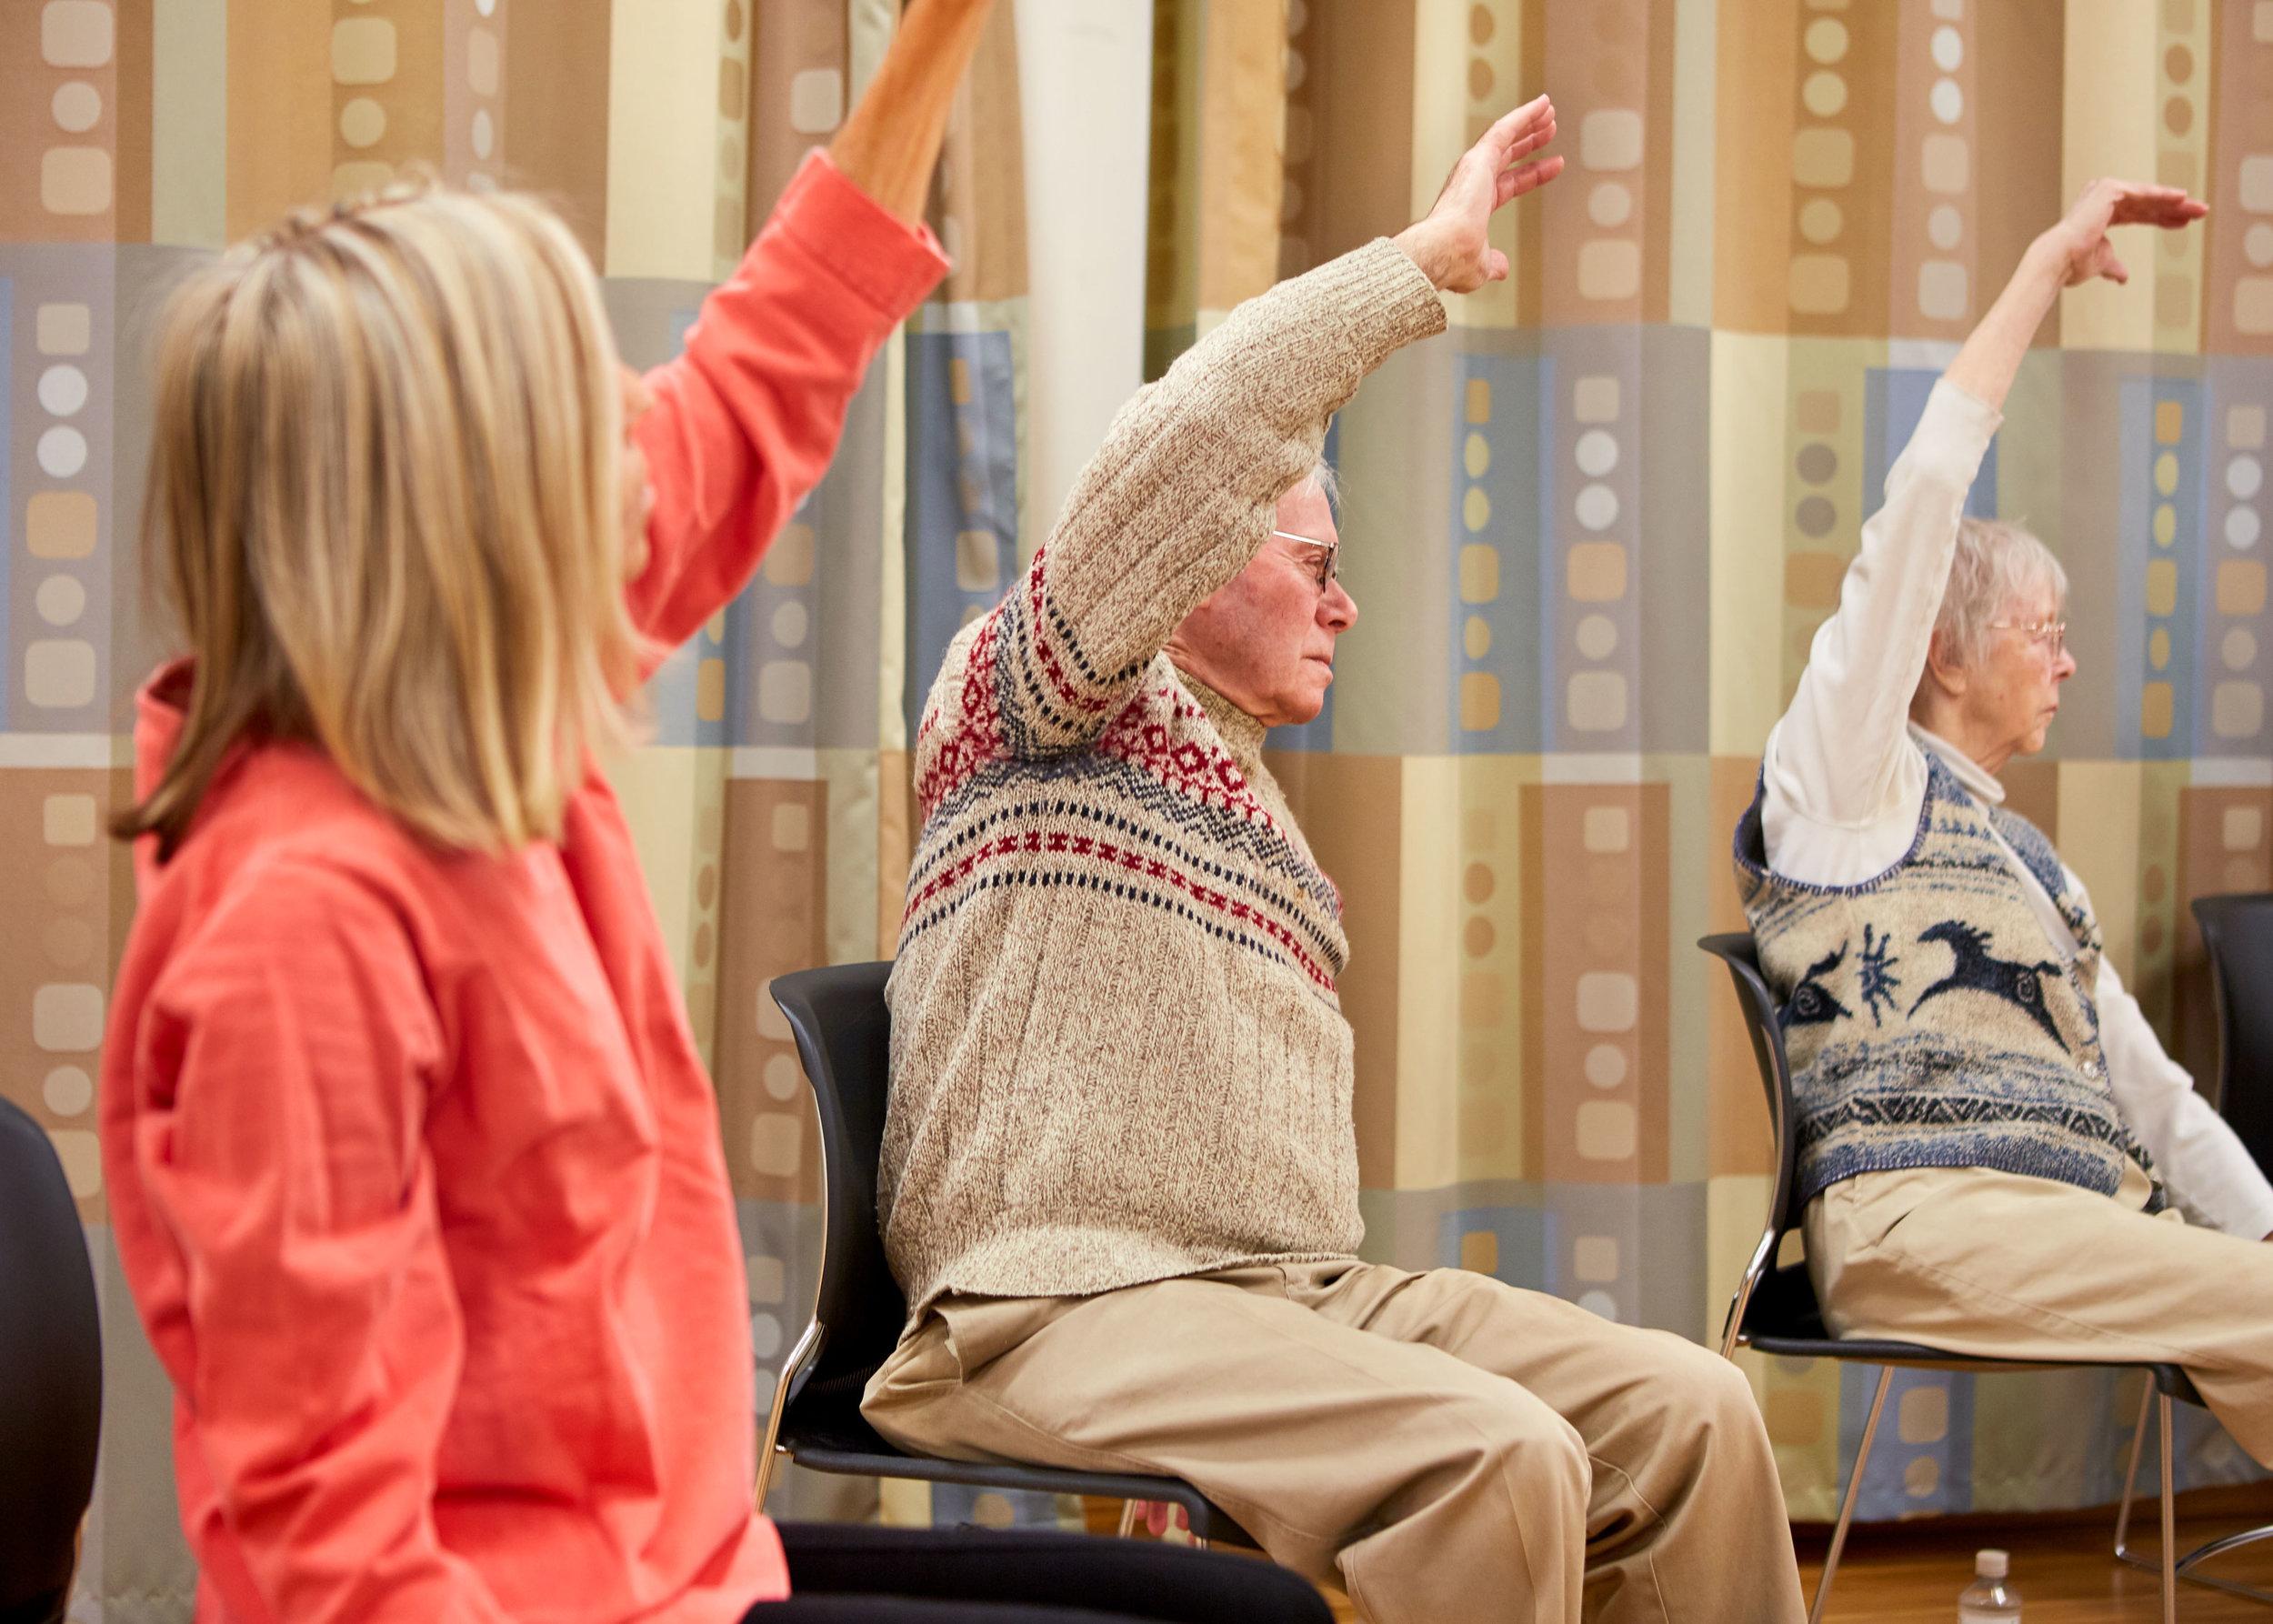 Dance for PD - For Parkinson's patients